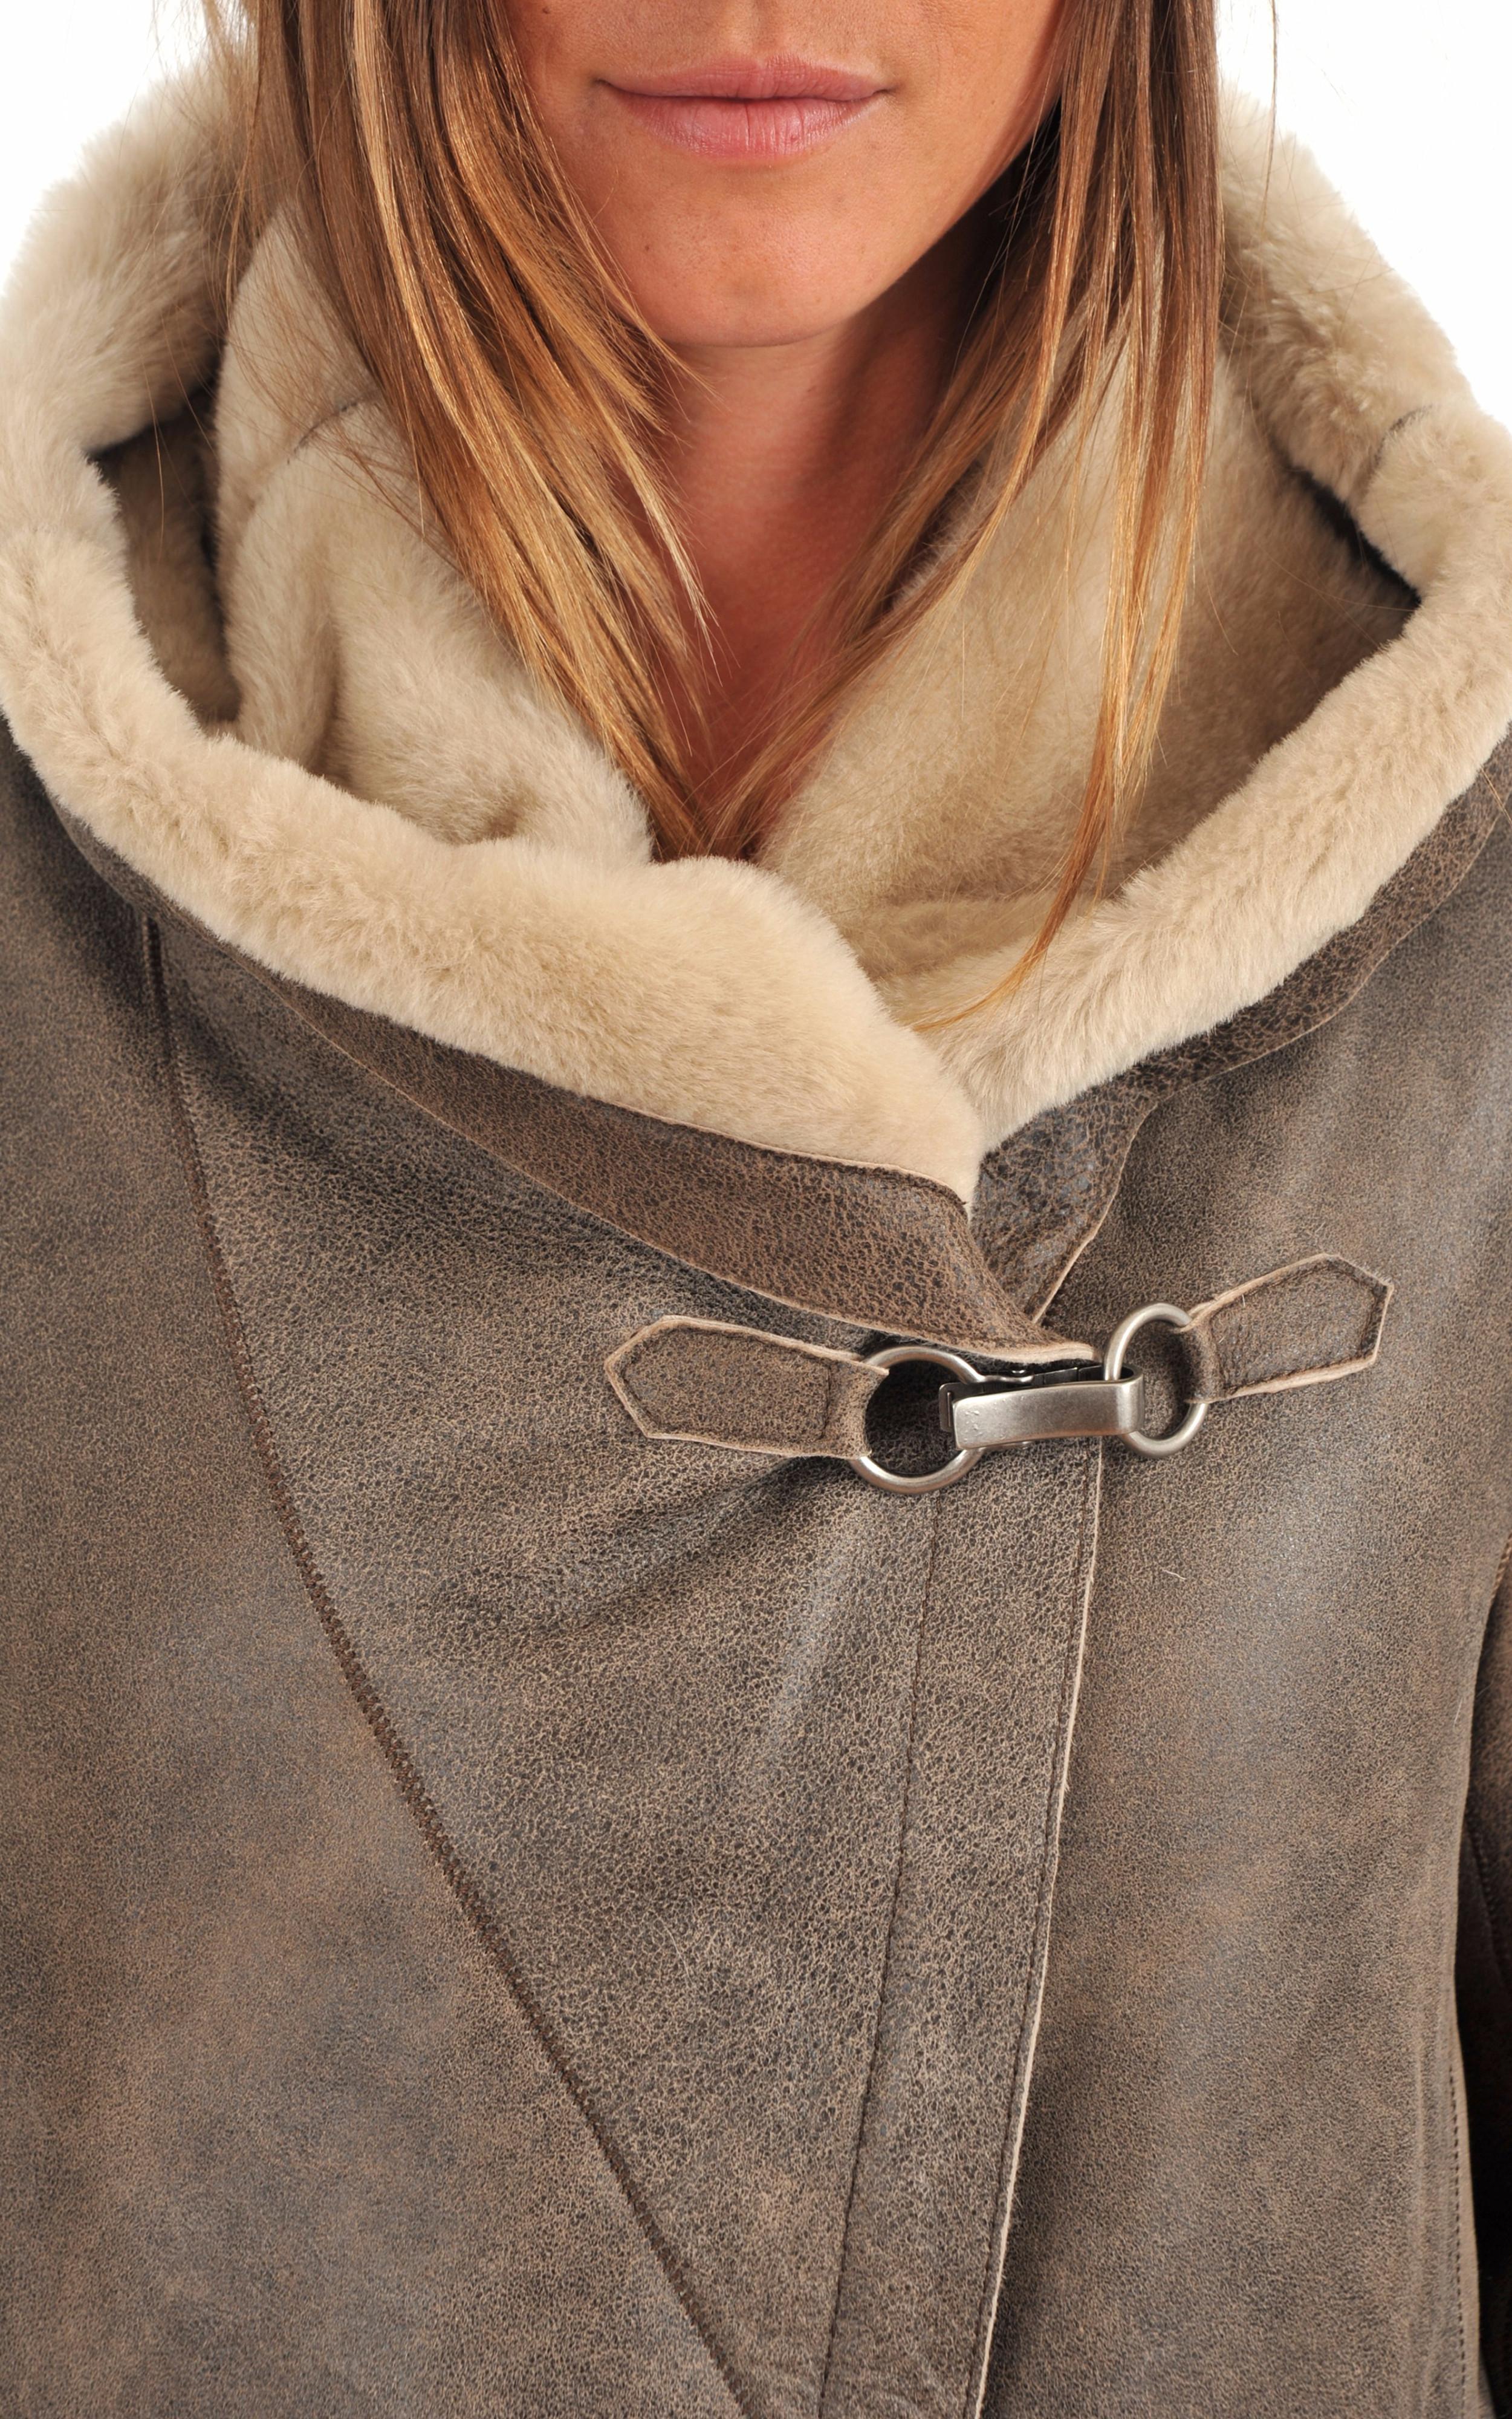 Peau lainée Mouton Vieilli Levinsky